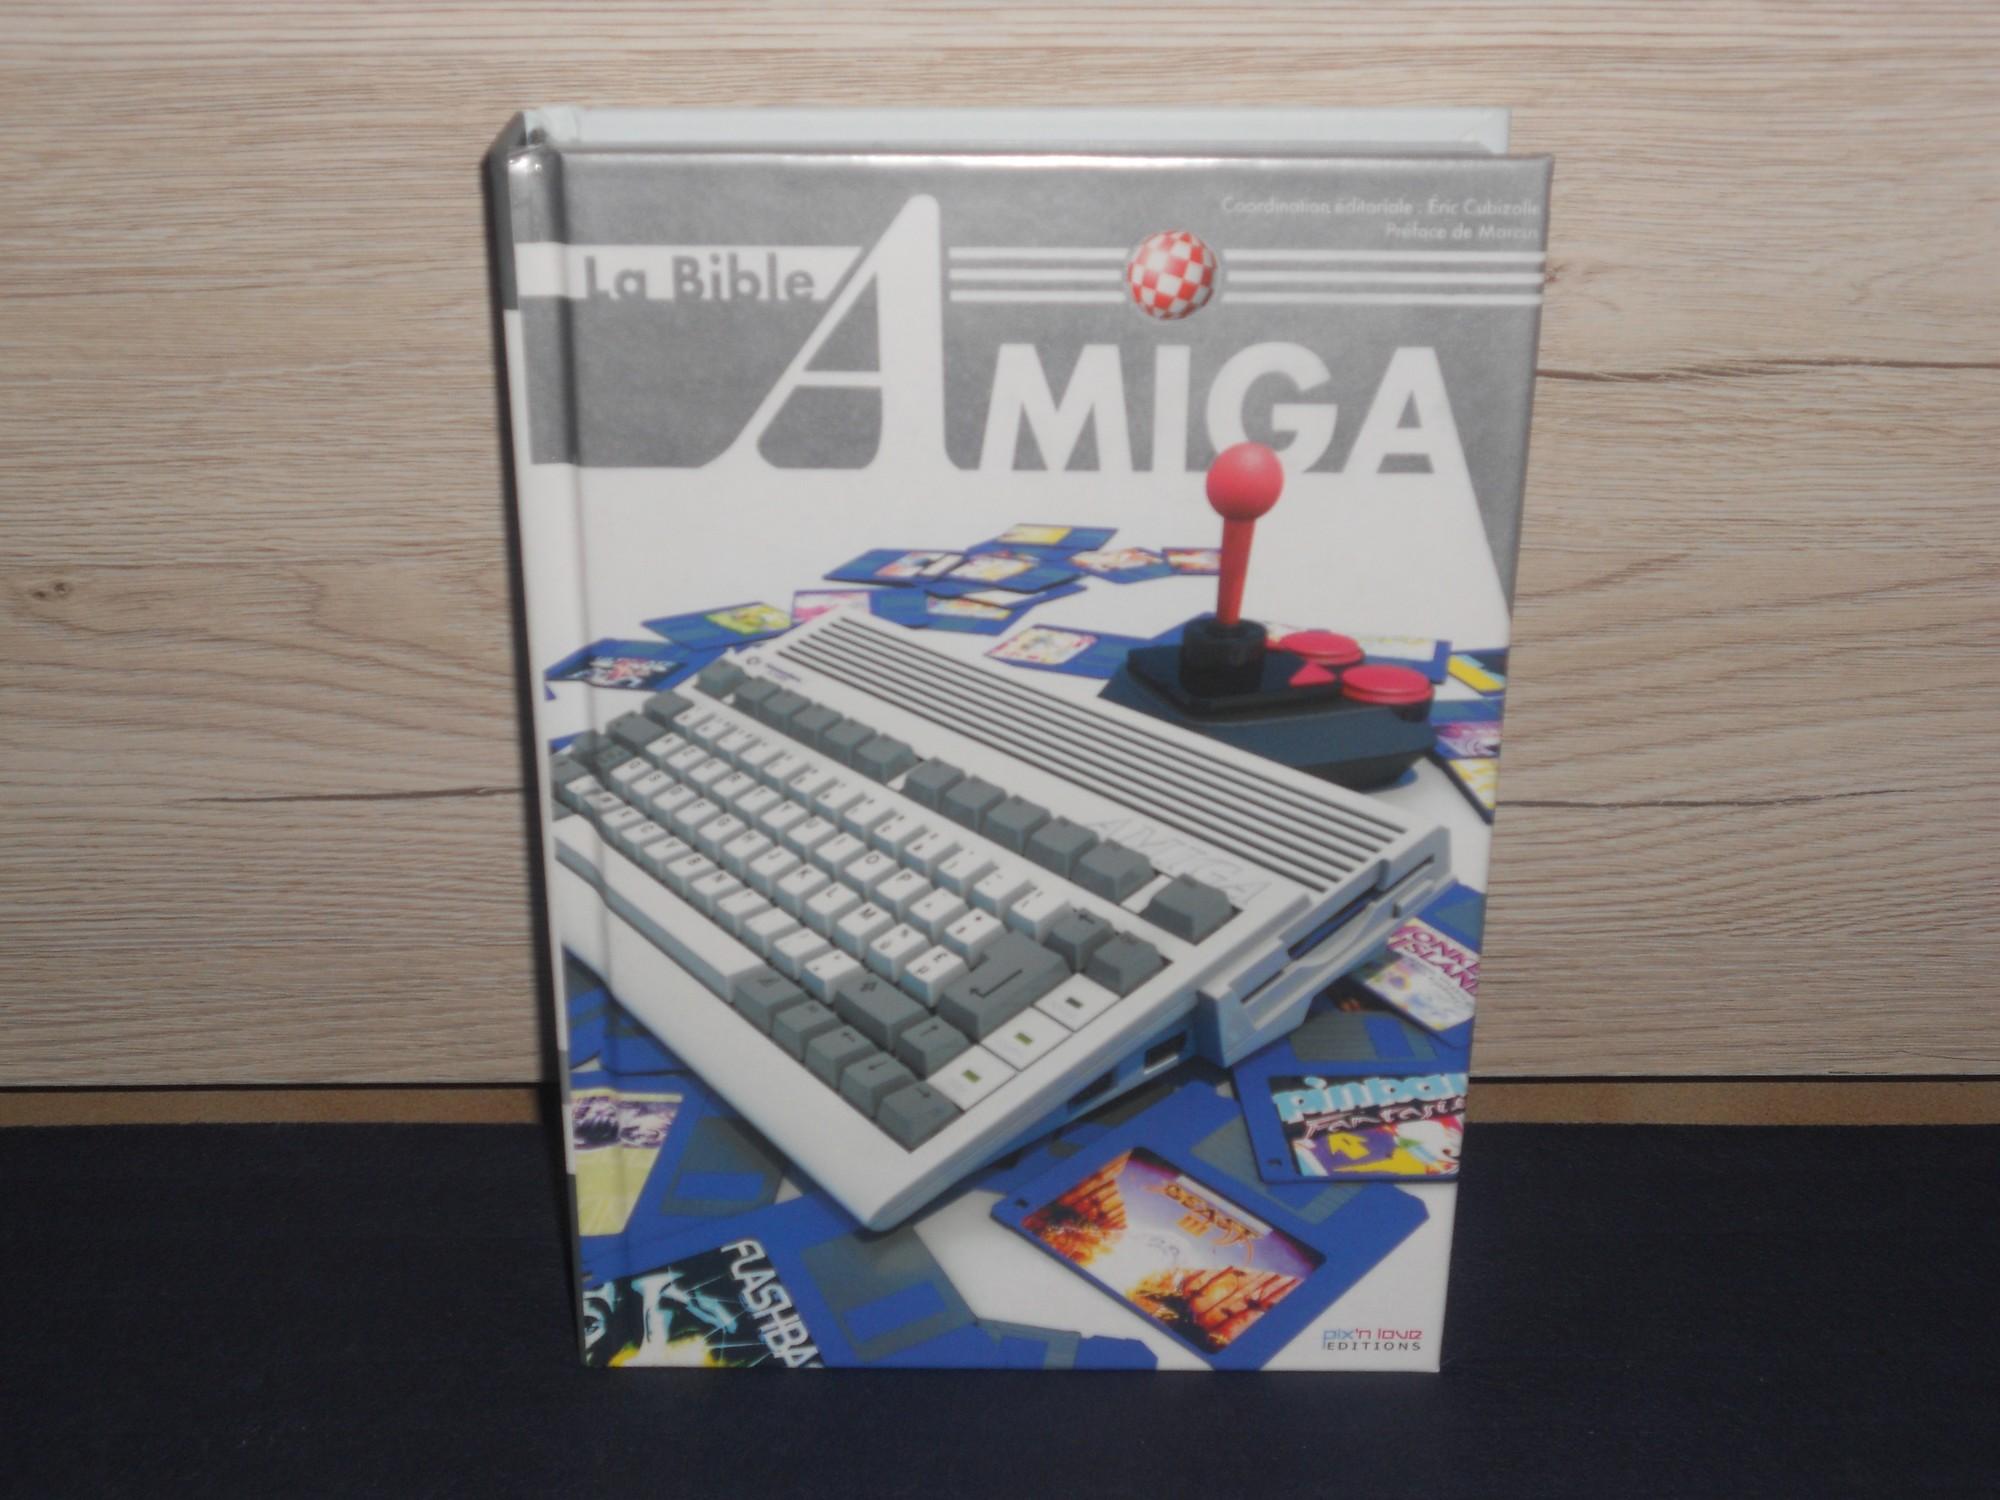 Guide Book, Mook, Mag, Livre Kx3svm